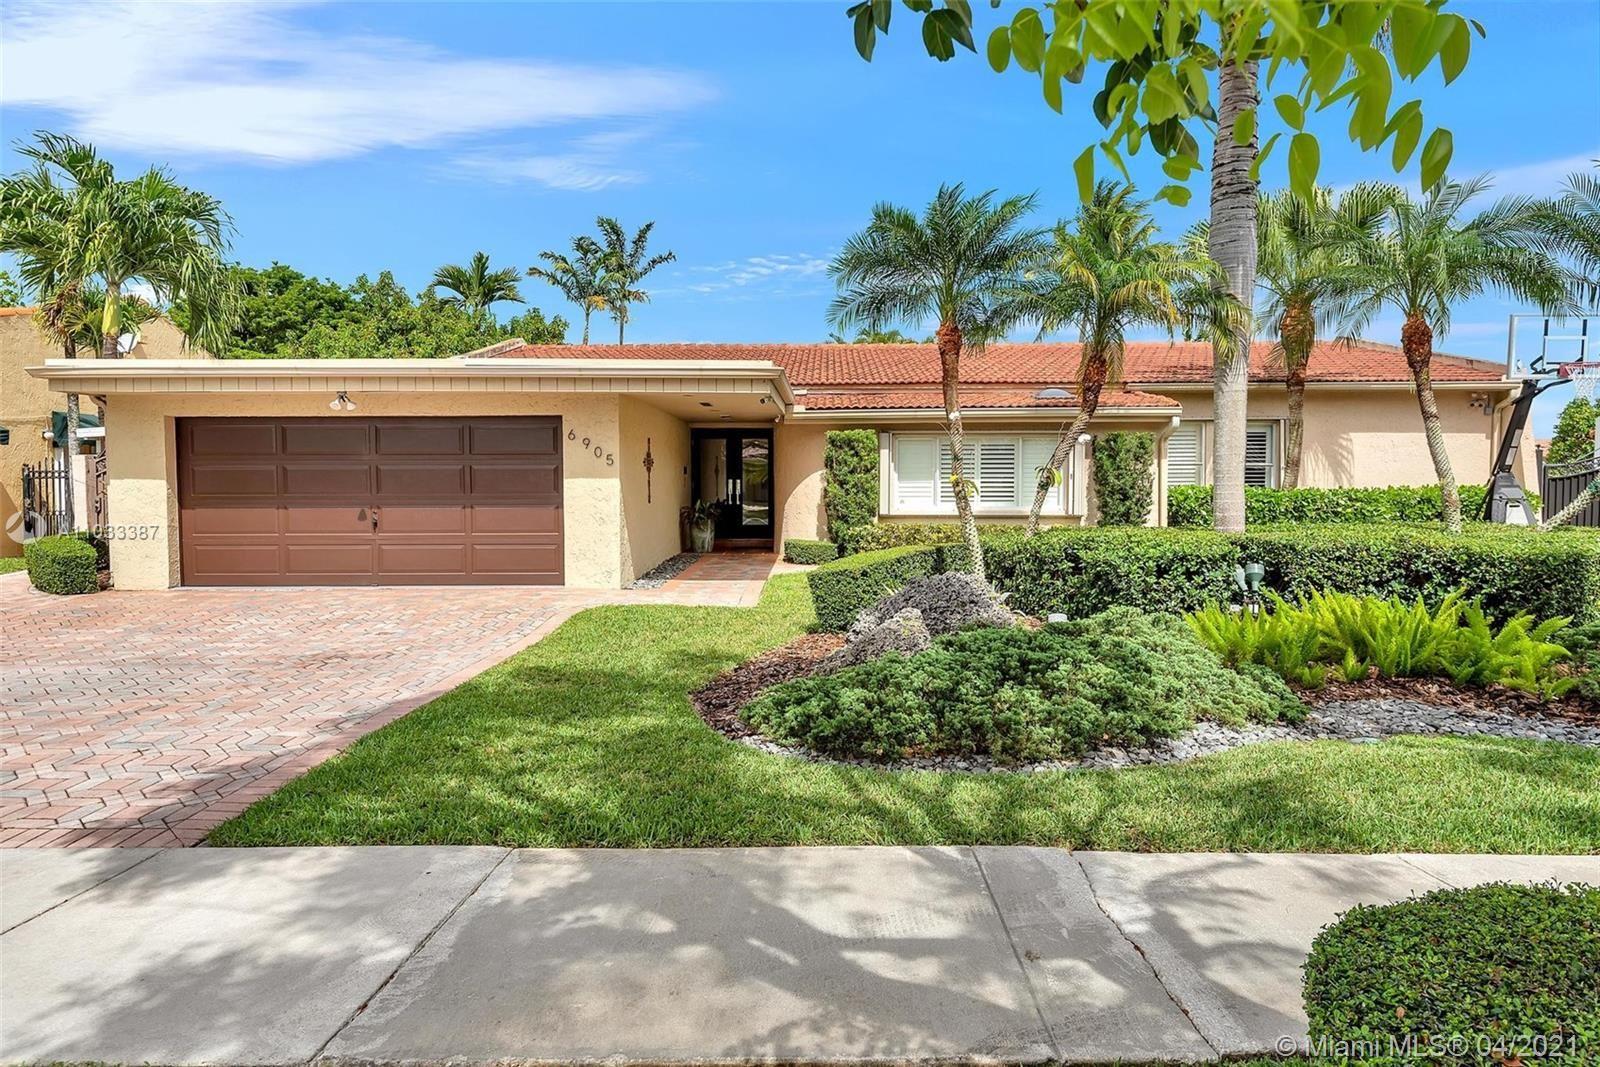 6905 SW 94th Ct, Miami, FL 33173 - #: A11033387